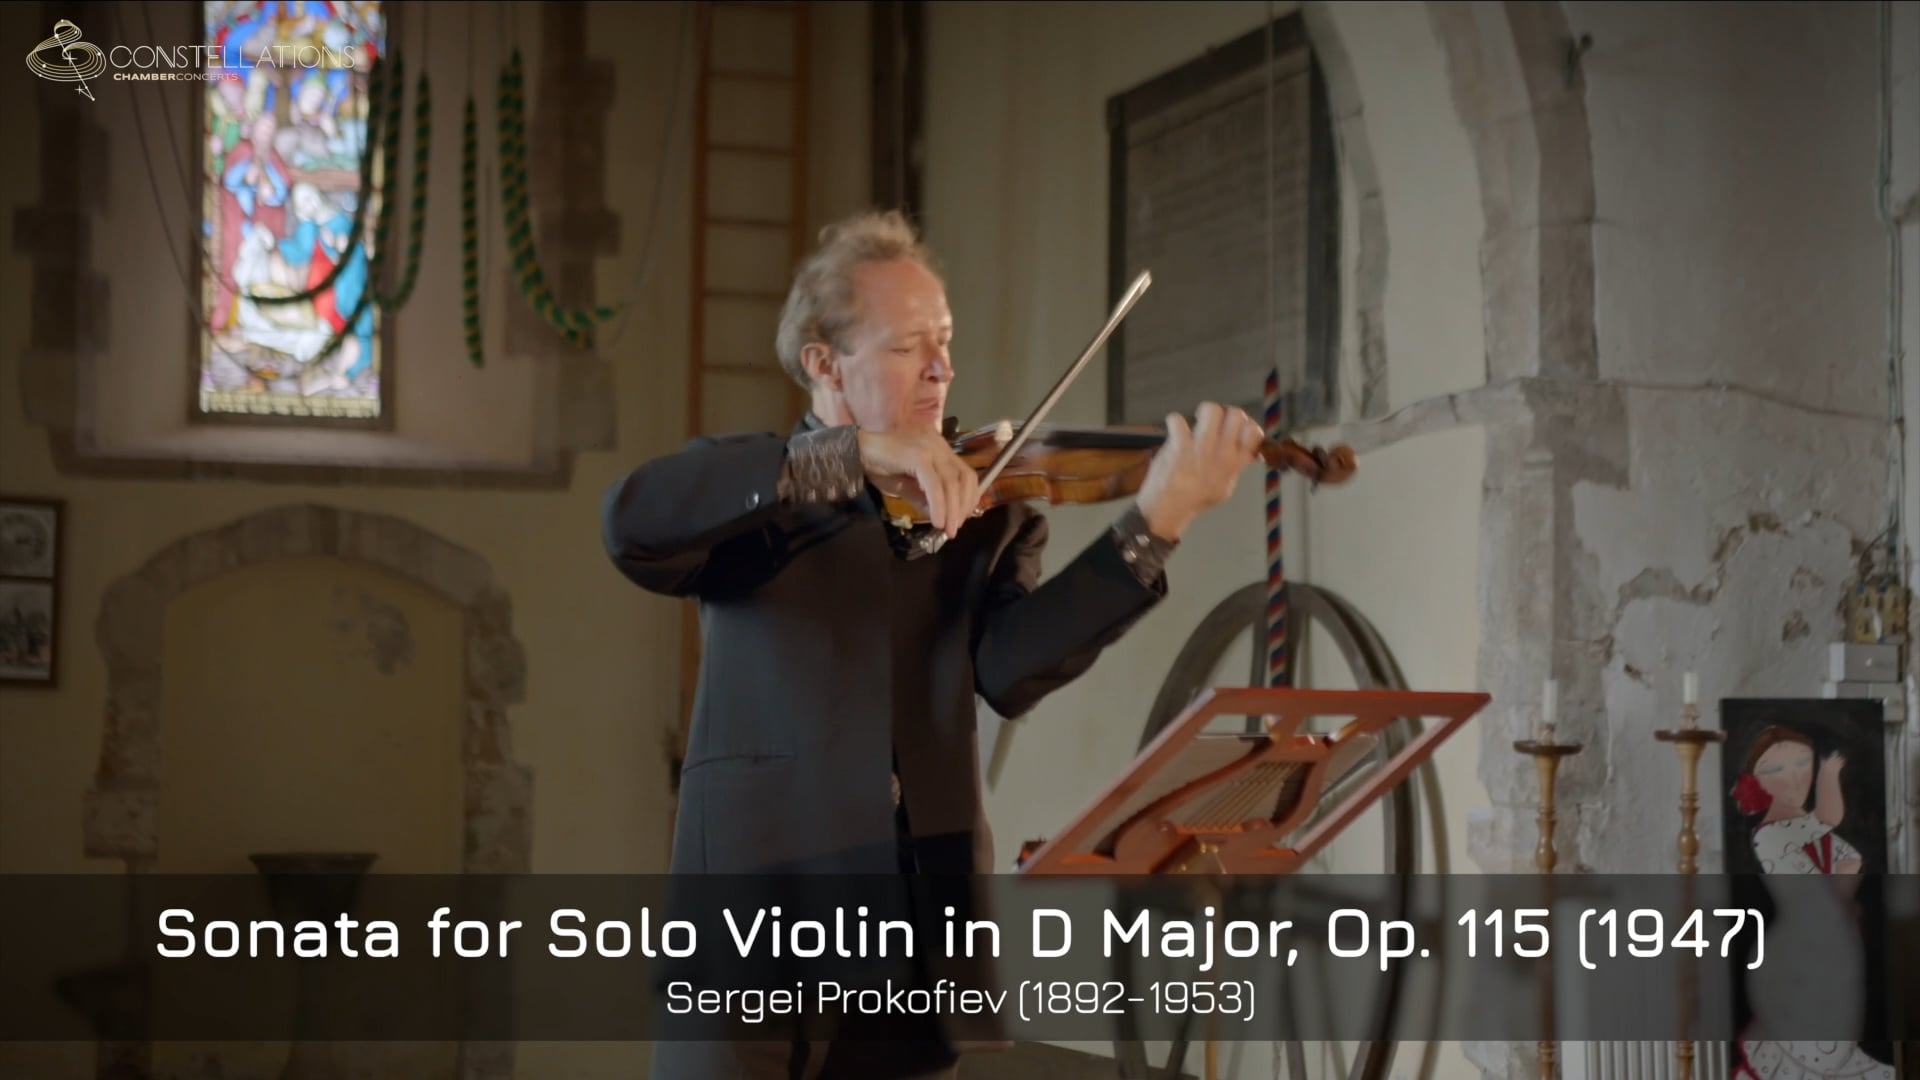 Anthony Marwood - Prokofiev: Sonata for Solo Violin, I. Moderato